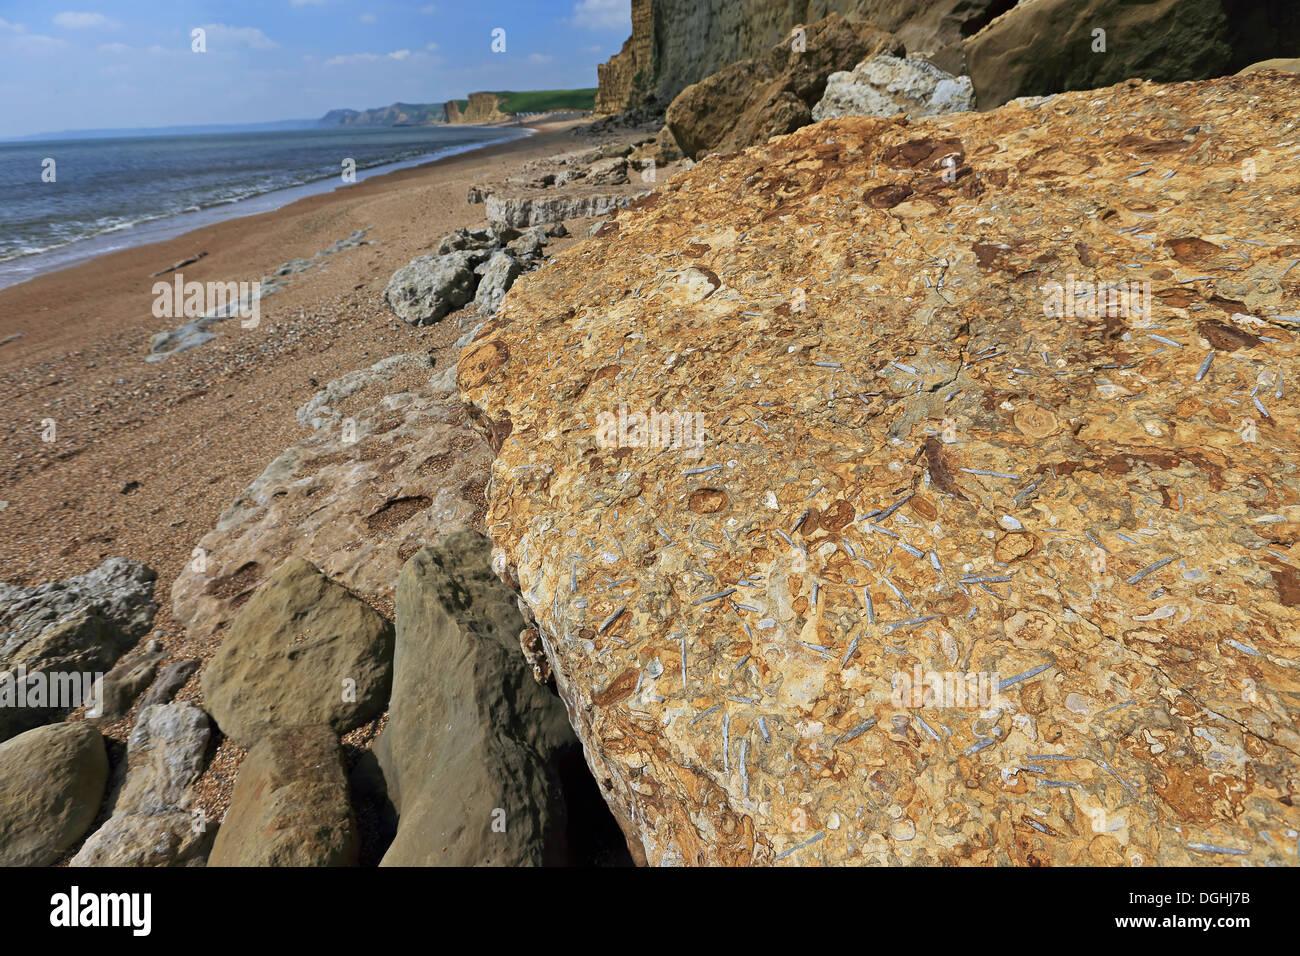 Belemnite tribune fossiles dans la roche à la base de la falaise, sur la plage, Dorset, Angleterre, Mai Photo Stock